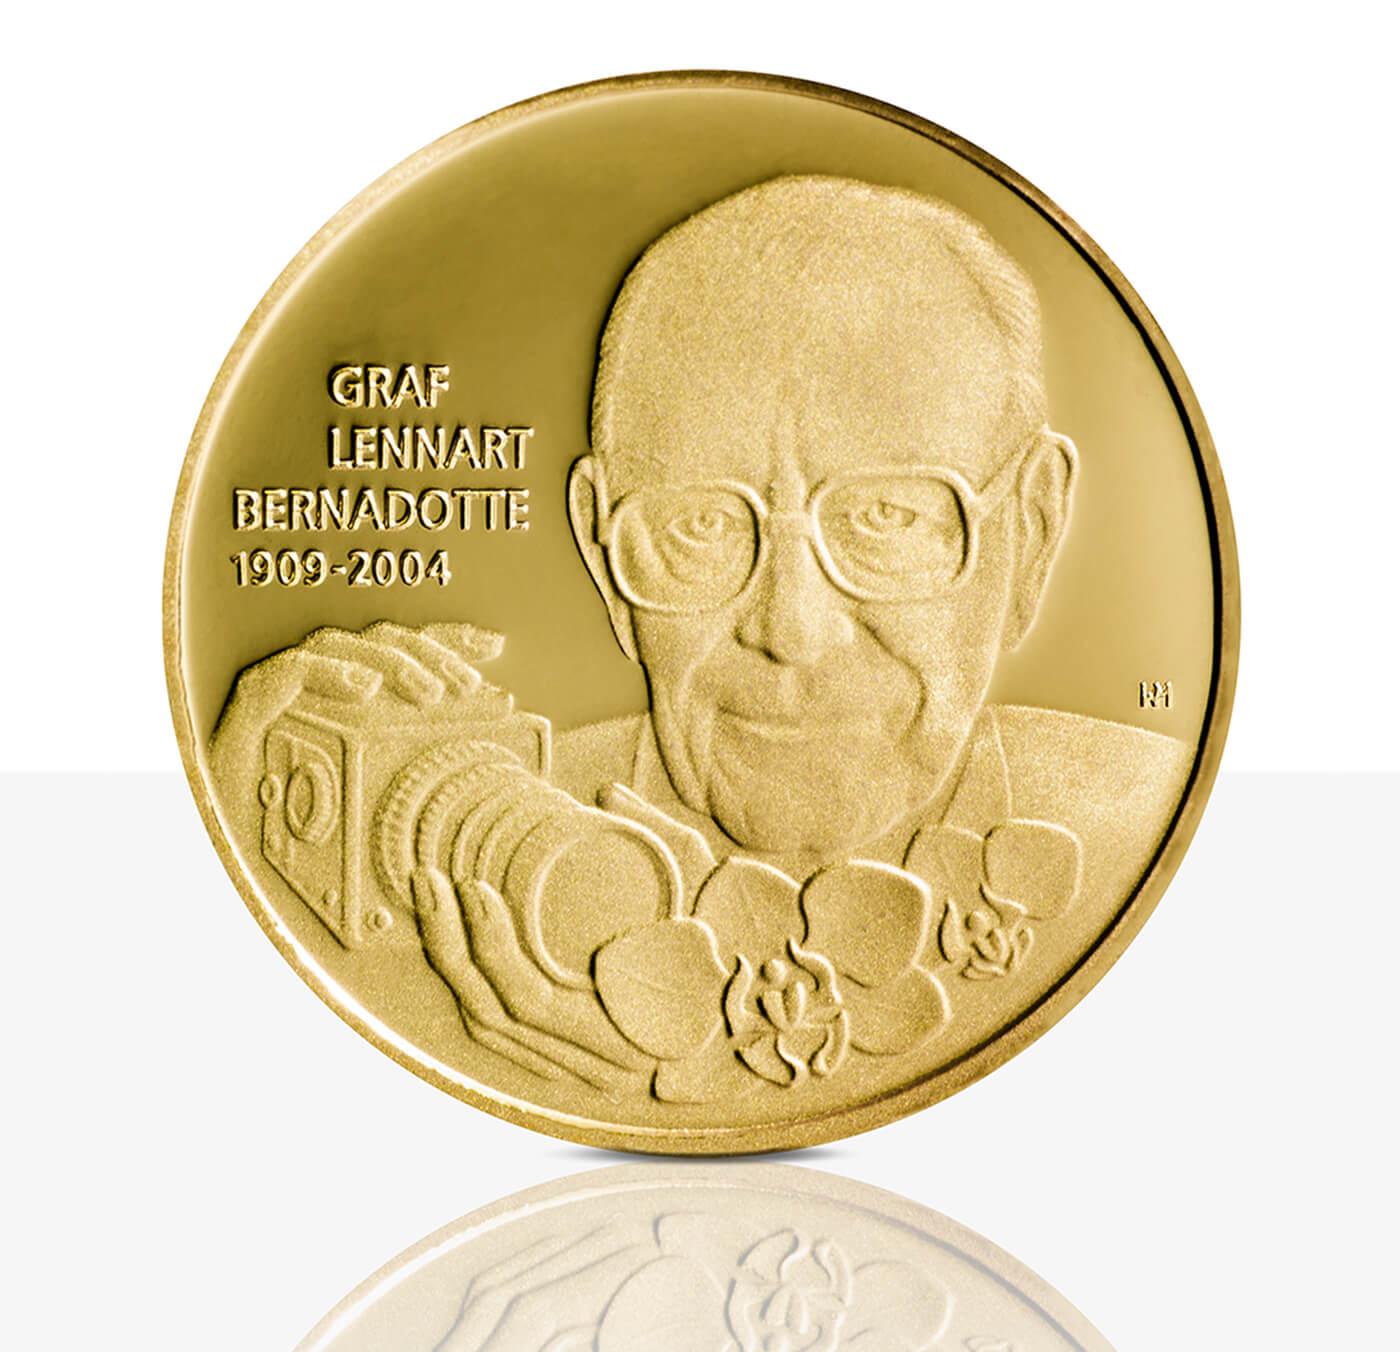 Graf Lennart Bernadotte Feingoldmedaille Spiegelglanz Staatliche